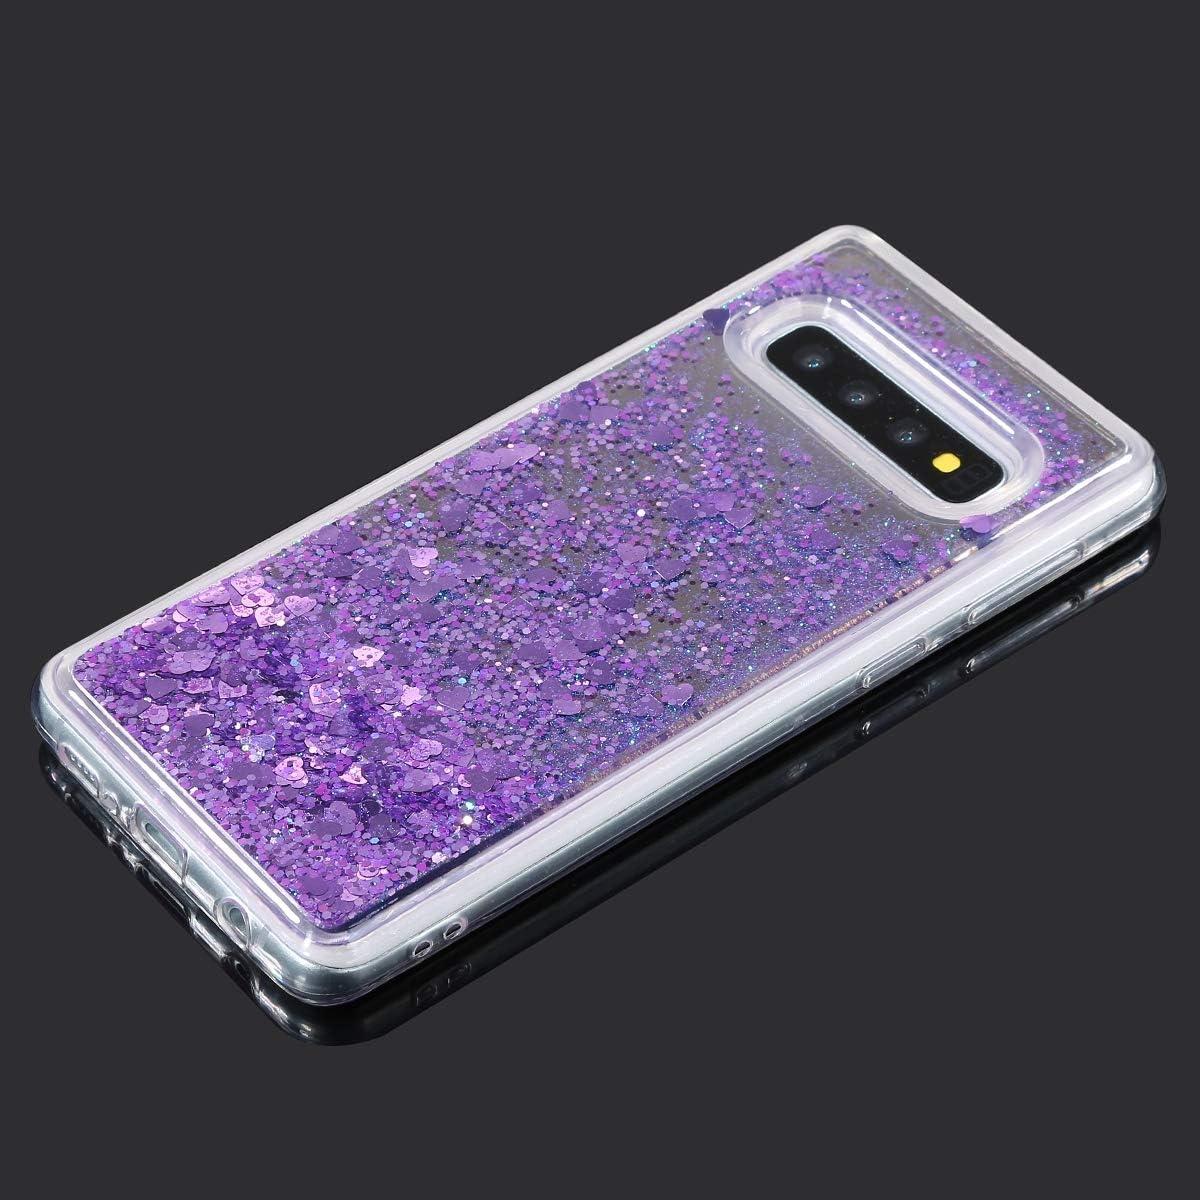 Herbests Kompatibel mit Samsung Galaxy S10 H/ülle Glitzer Fl/üssig Treibsand Handyh/ülle Liebe Herz Flie/ßend Fl/üssigkeit Strass Diamant Bling Silikon Schutzh/ülle Spiegel H/ülle,Lila